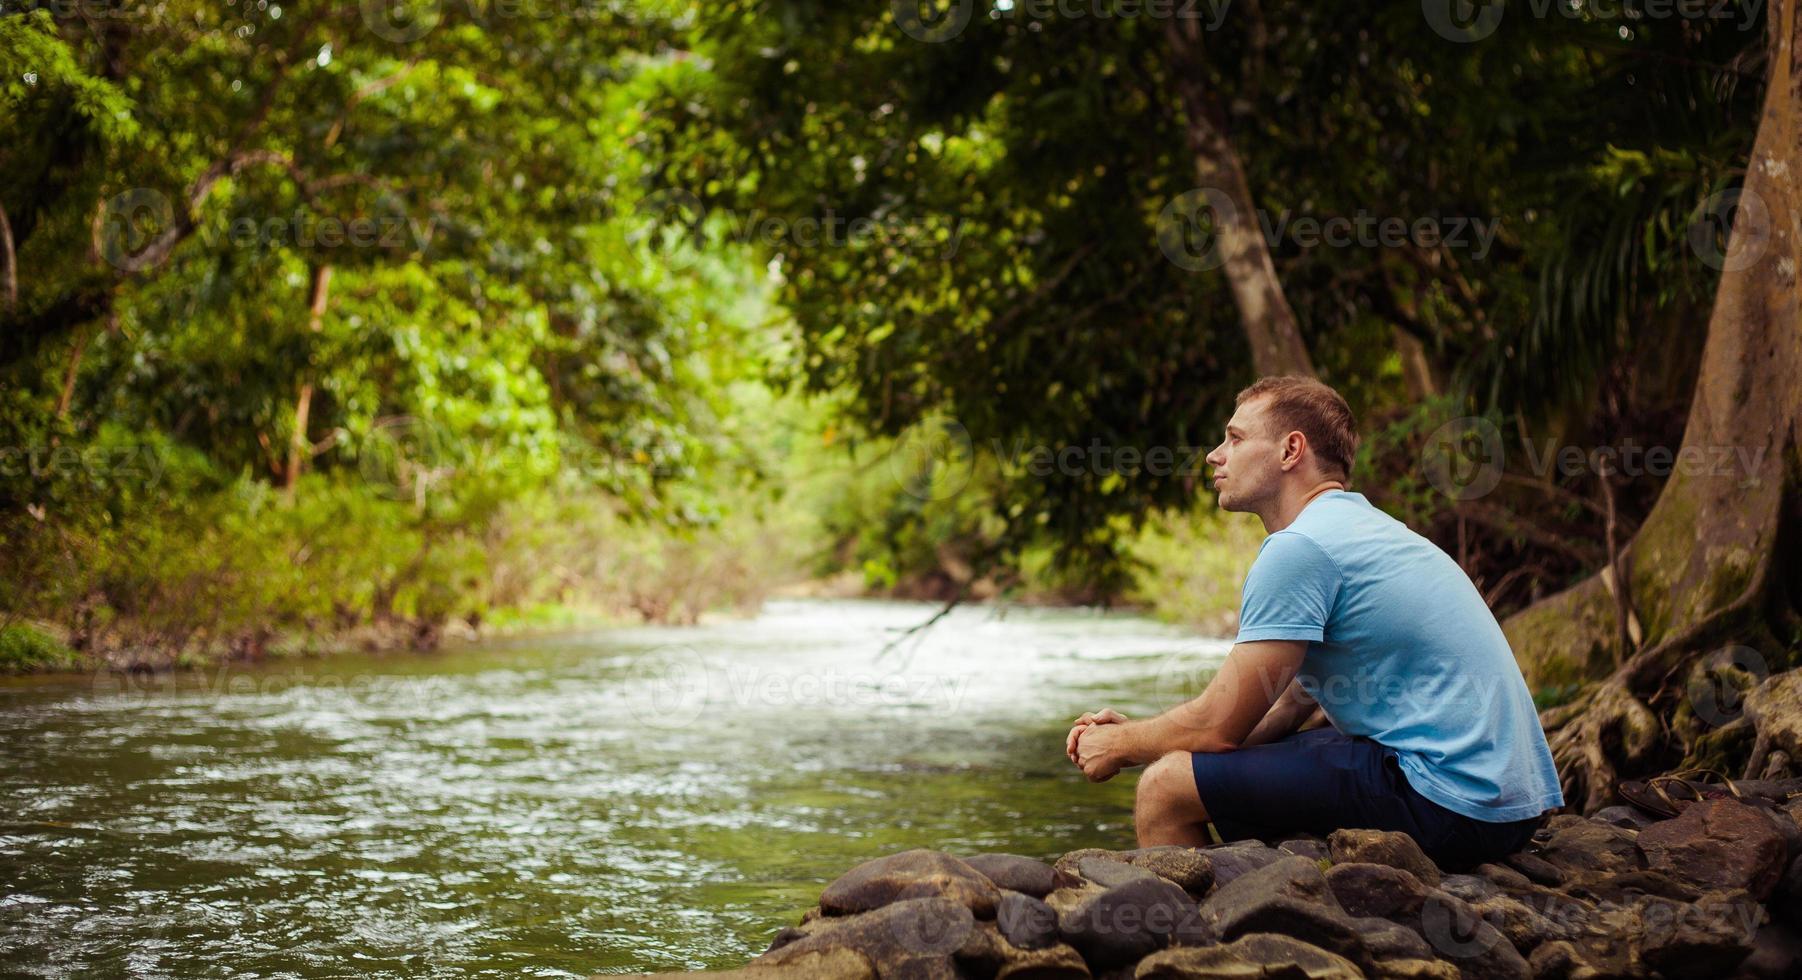 homme, séance, jungle, rivière, contempler photo